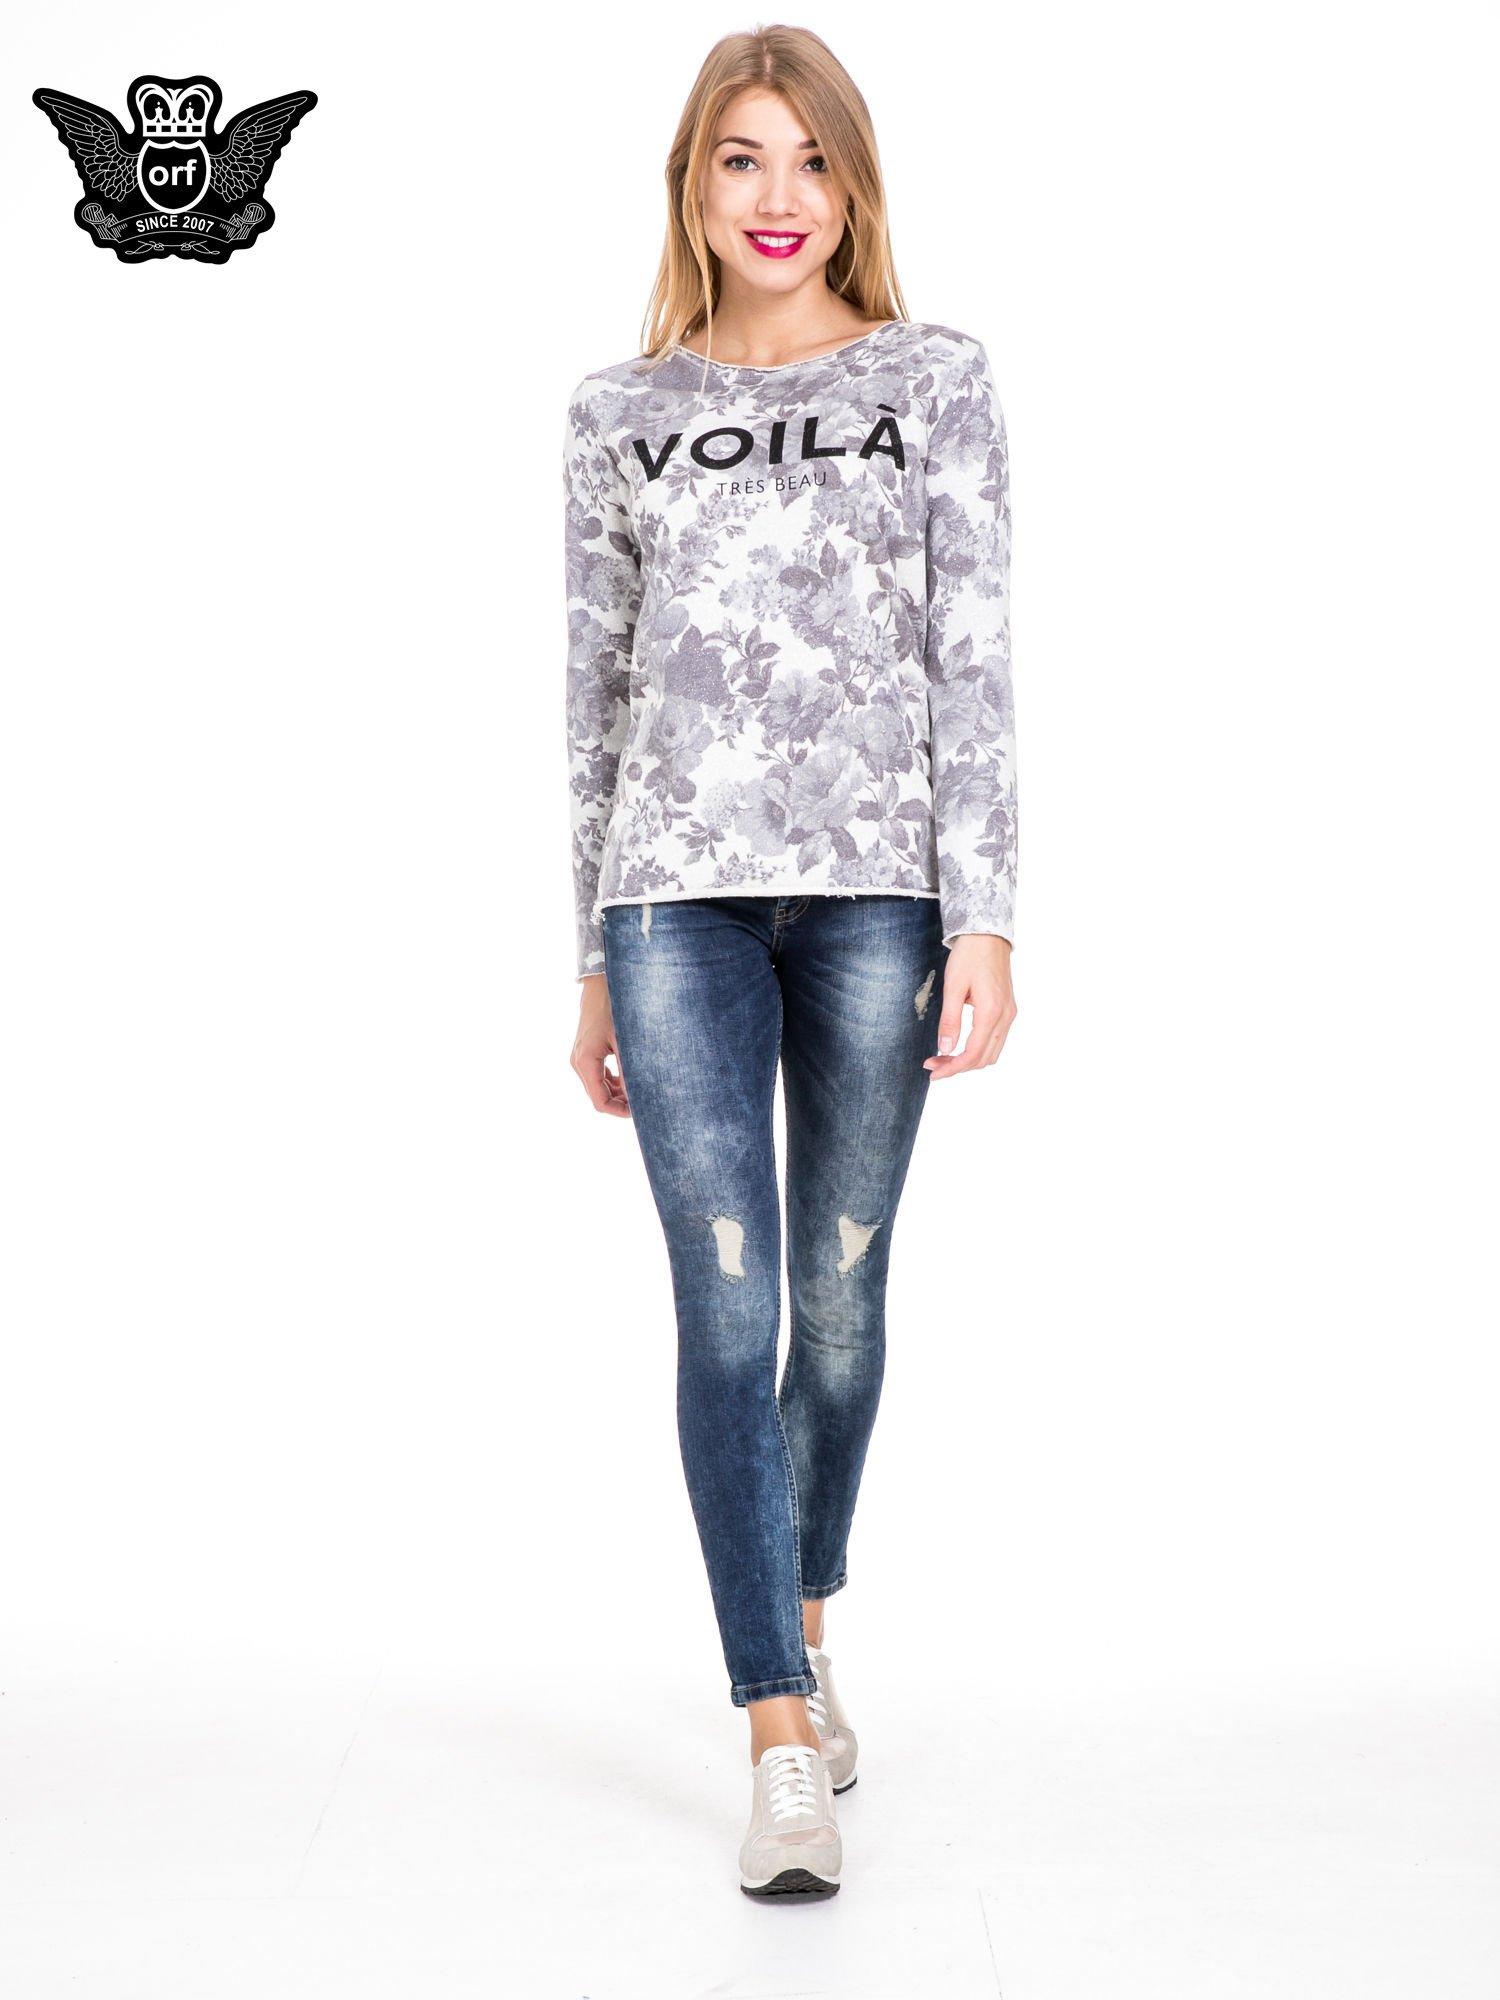 Niebieskie spodnie jeansowe rurki z lekkim dekatyzowaniem i przetarciami                                  zdj.                                  2